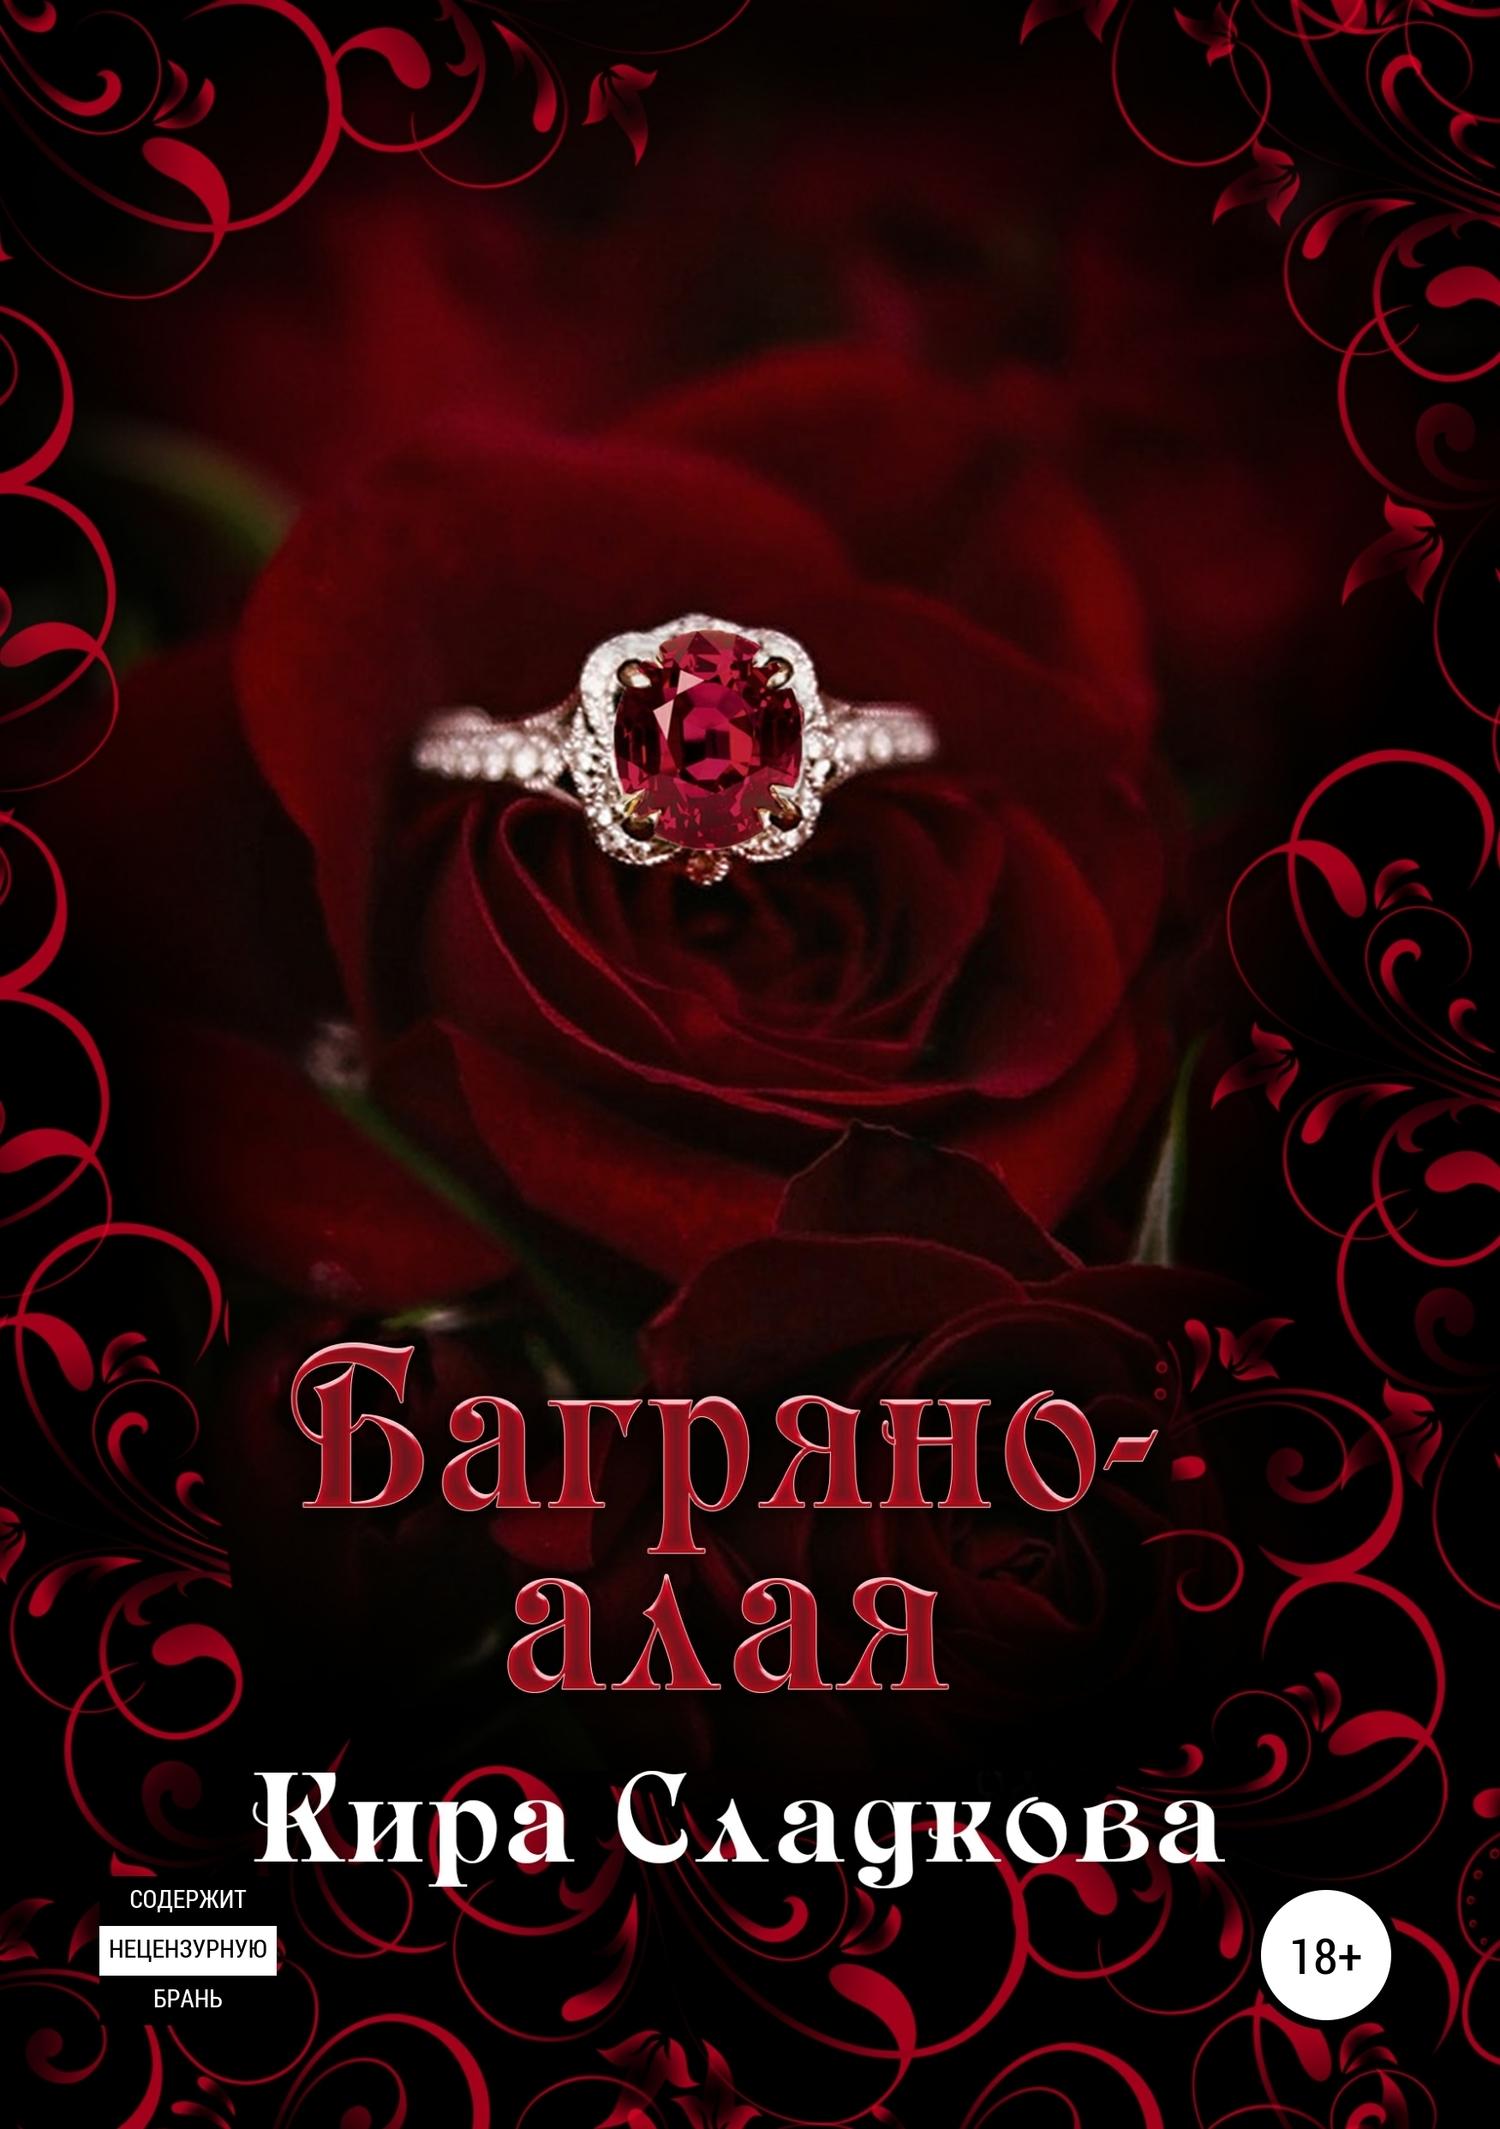 Багряно-алая